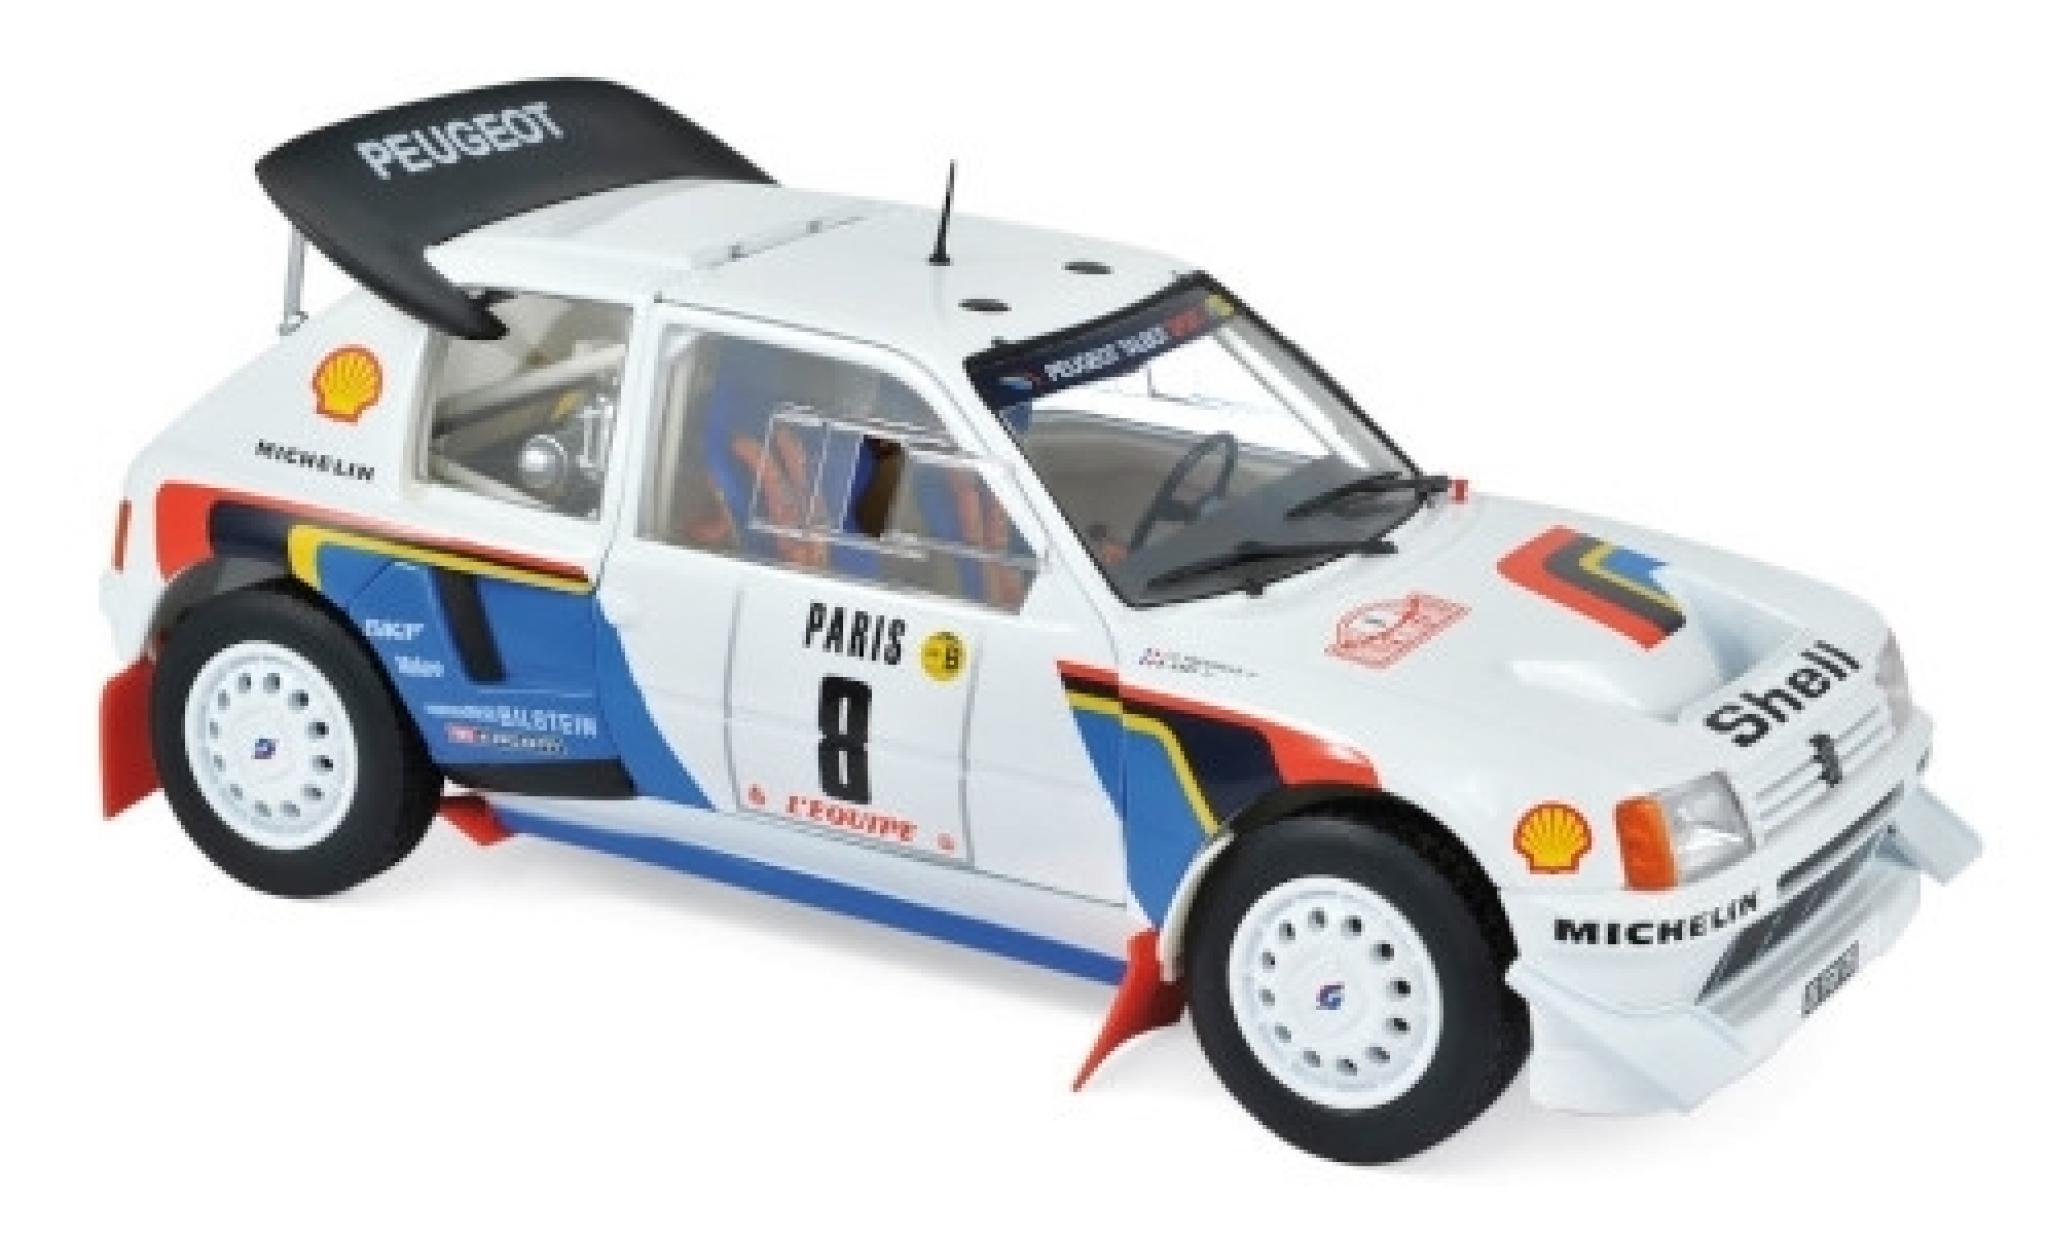 Peugeot 205 1/18 Norev T16 Evo No.8 Rallye WM Rallye Monte Carlo 1986 B.Saby/J-F.Fauchille